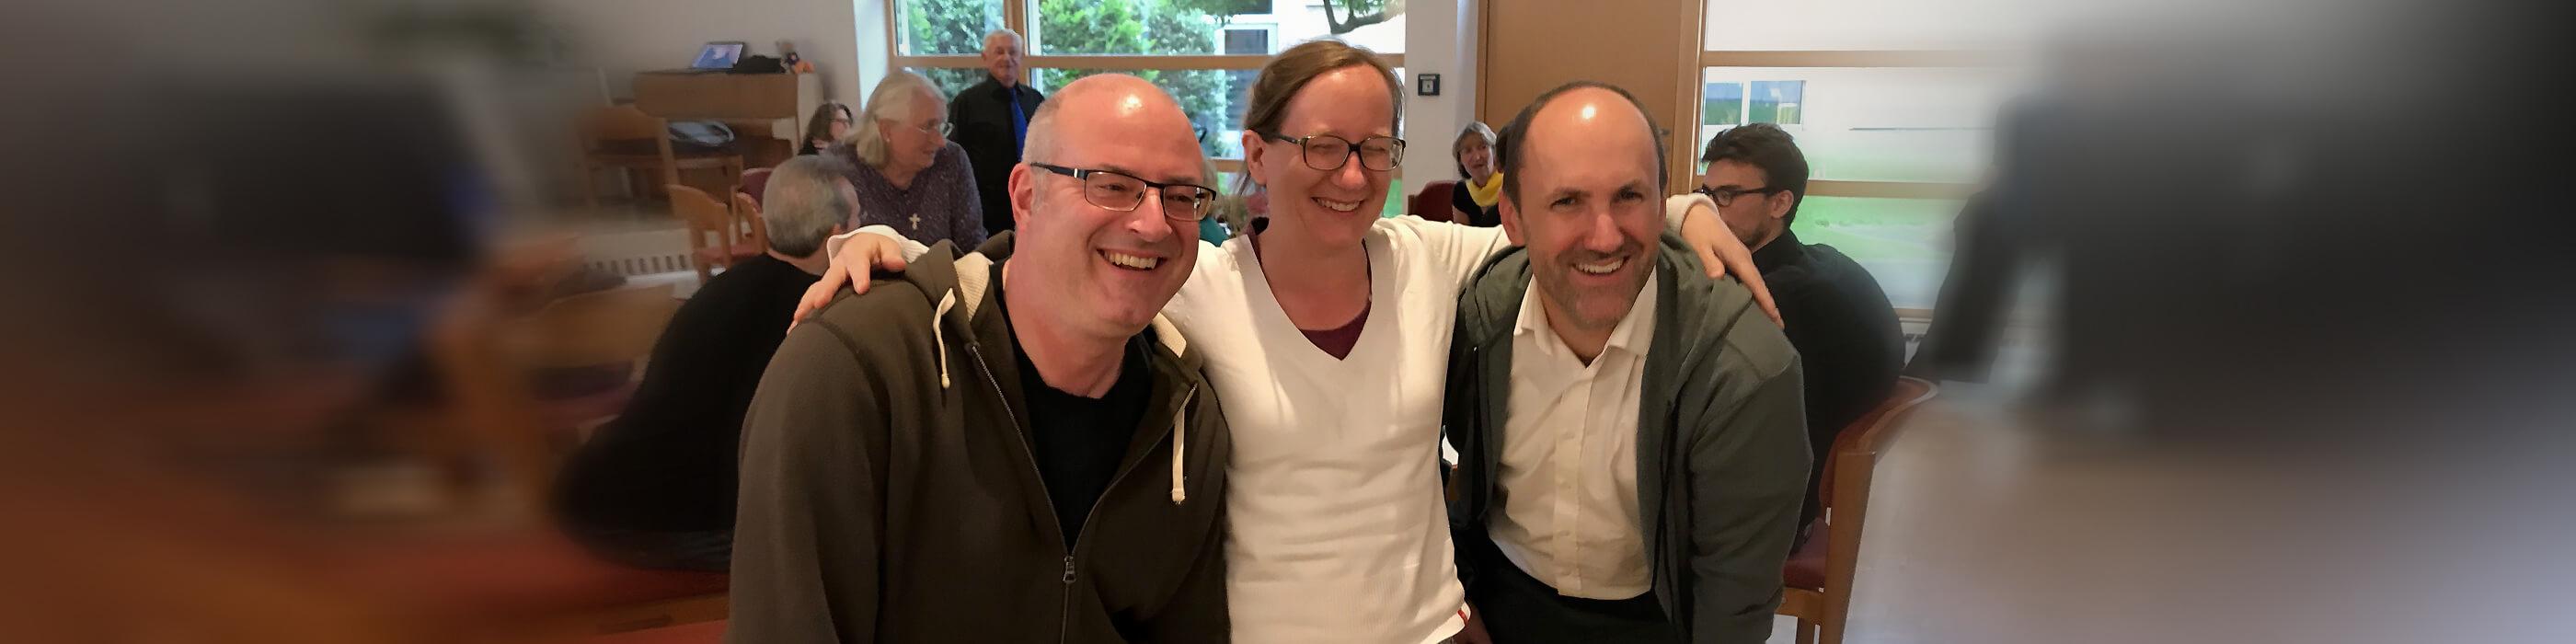 Die Troll-Chorleiter v.l.n.r.: Christian Letschert-Larsson (seit 2017), Denise Weltken (2008–2016), David Panten (1998–2007)